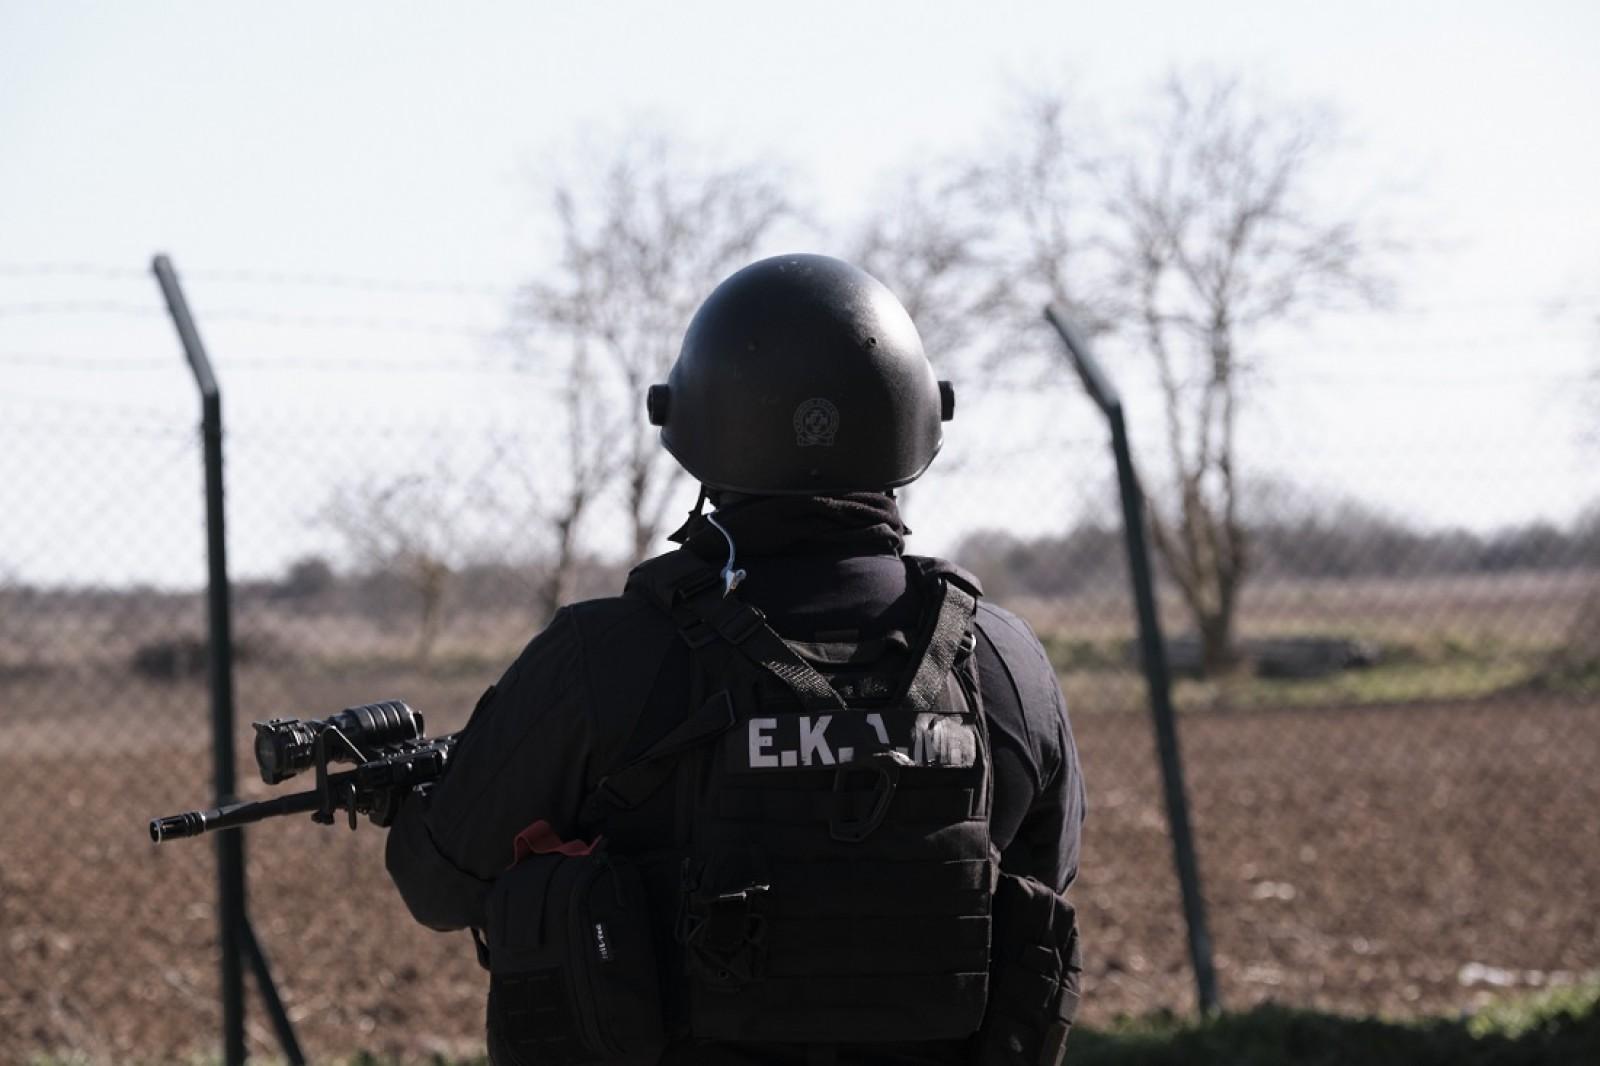 Πρόσφυγες σύνορα: Ο Δικηγορικός Σύλλογος Άγκυρας καταγγέλλει βίαιη μεταφορά